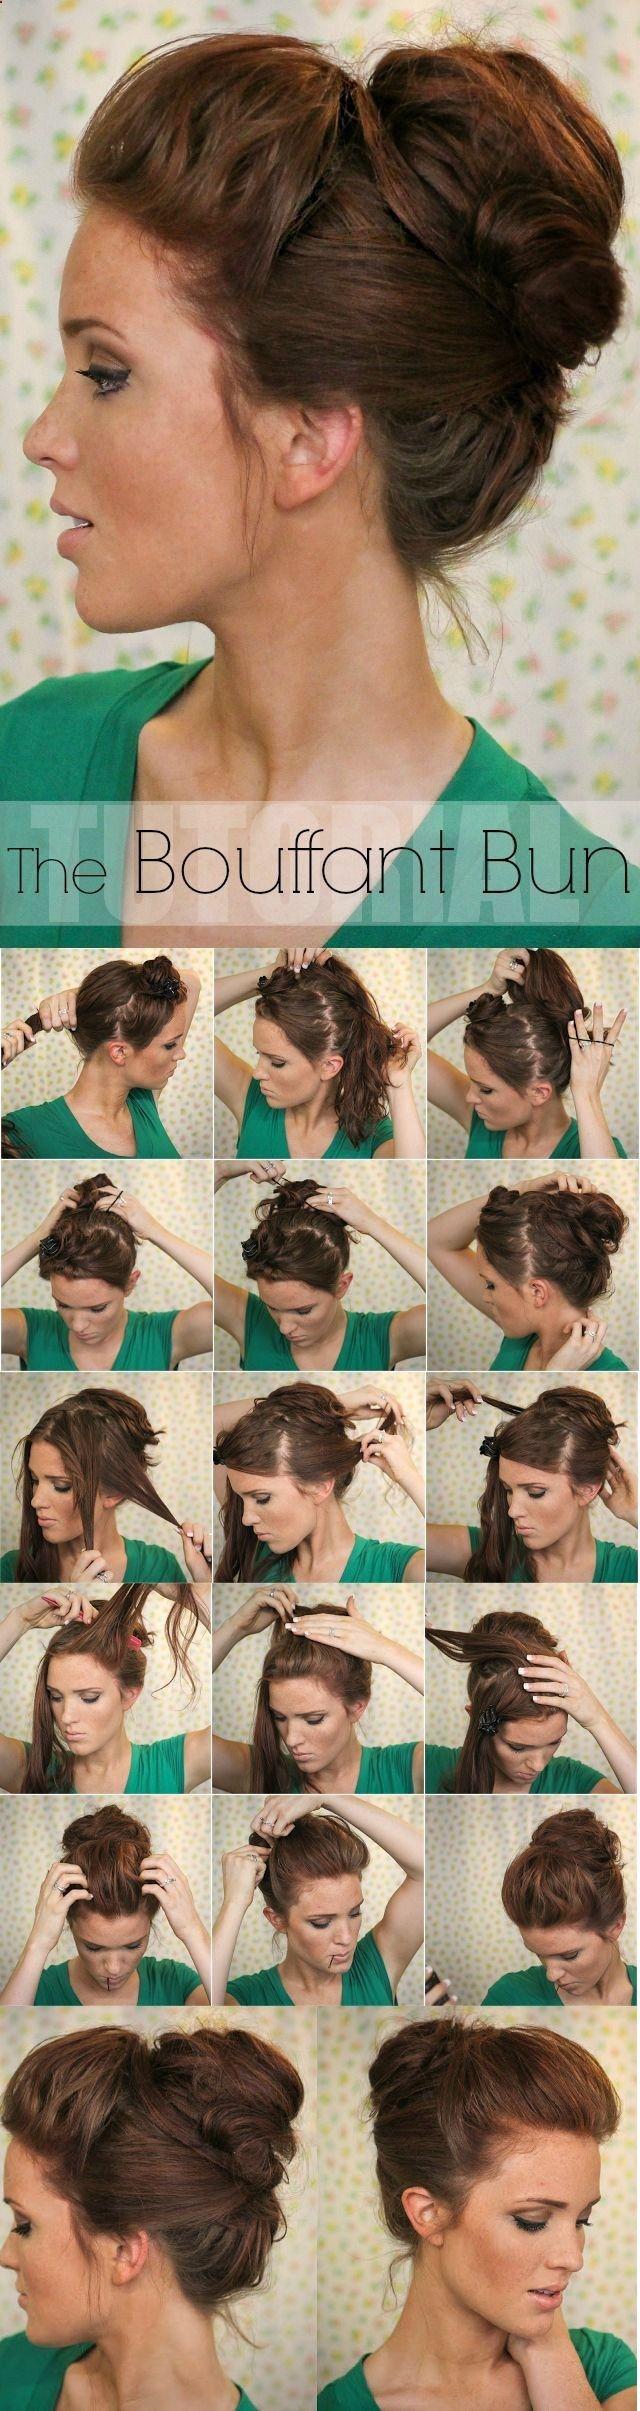 Dcbfccfedb hairstyles pinterest updos